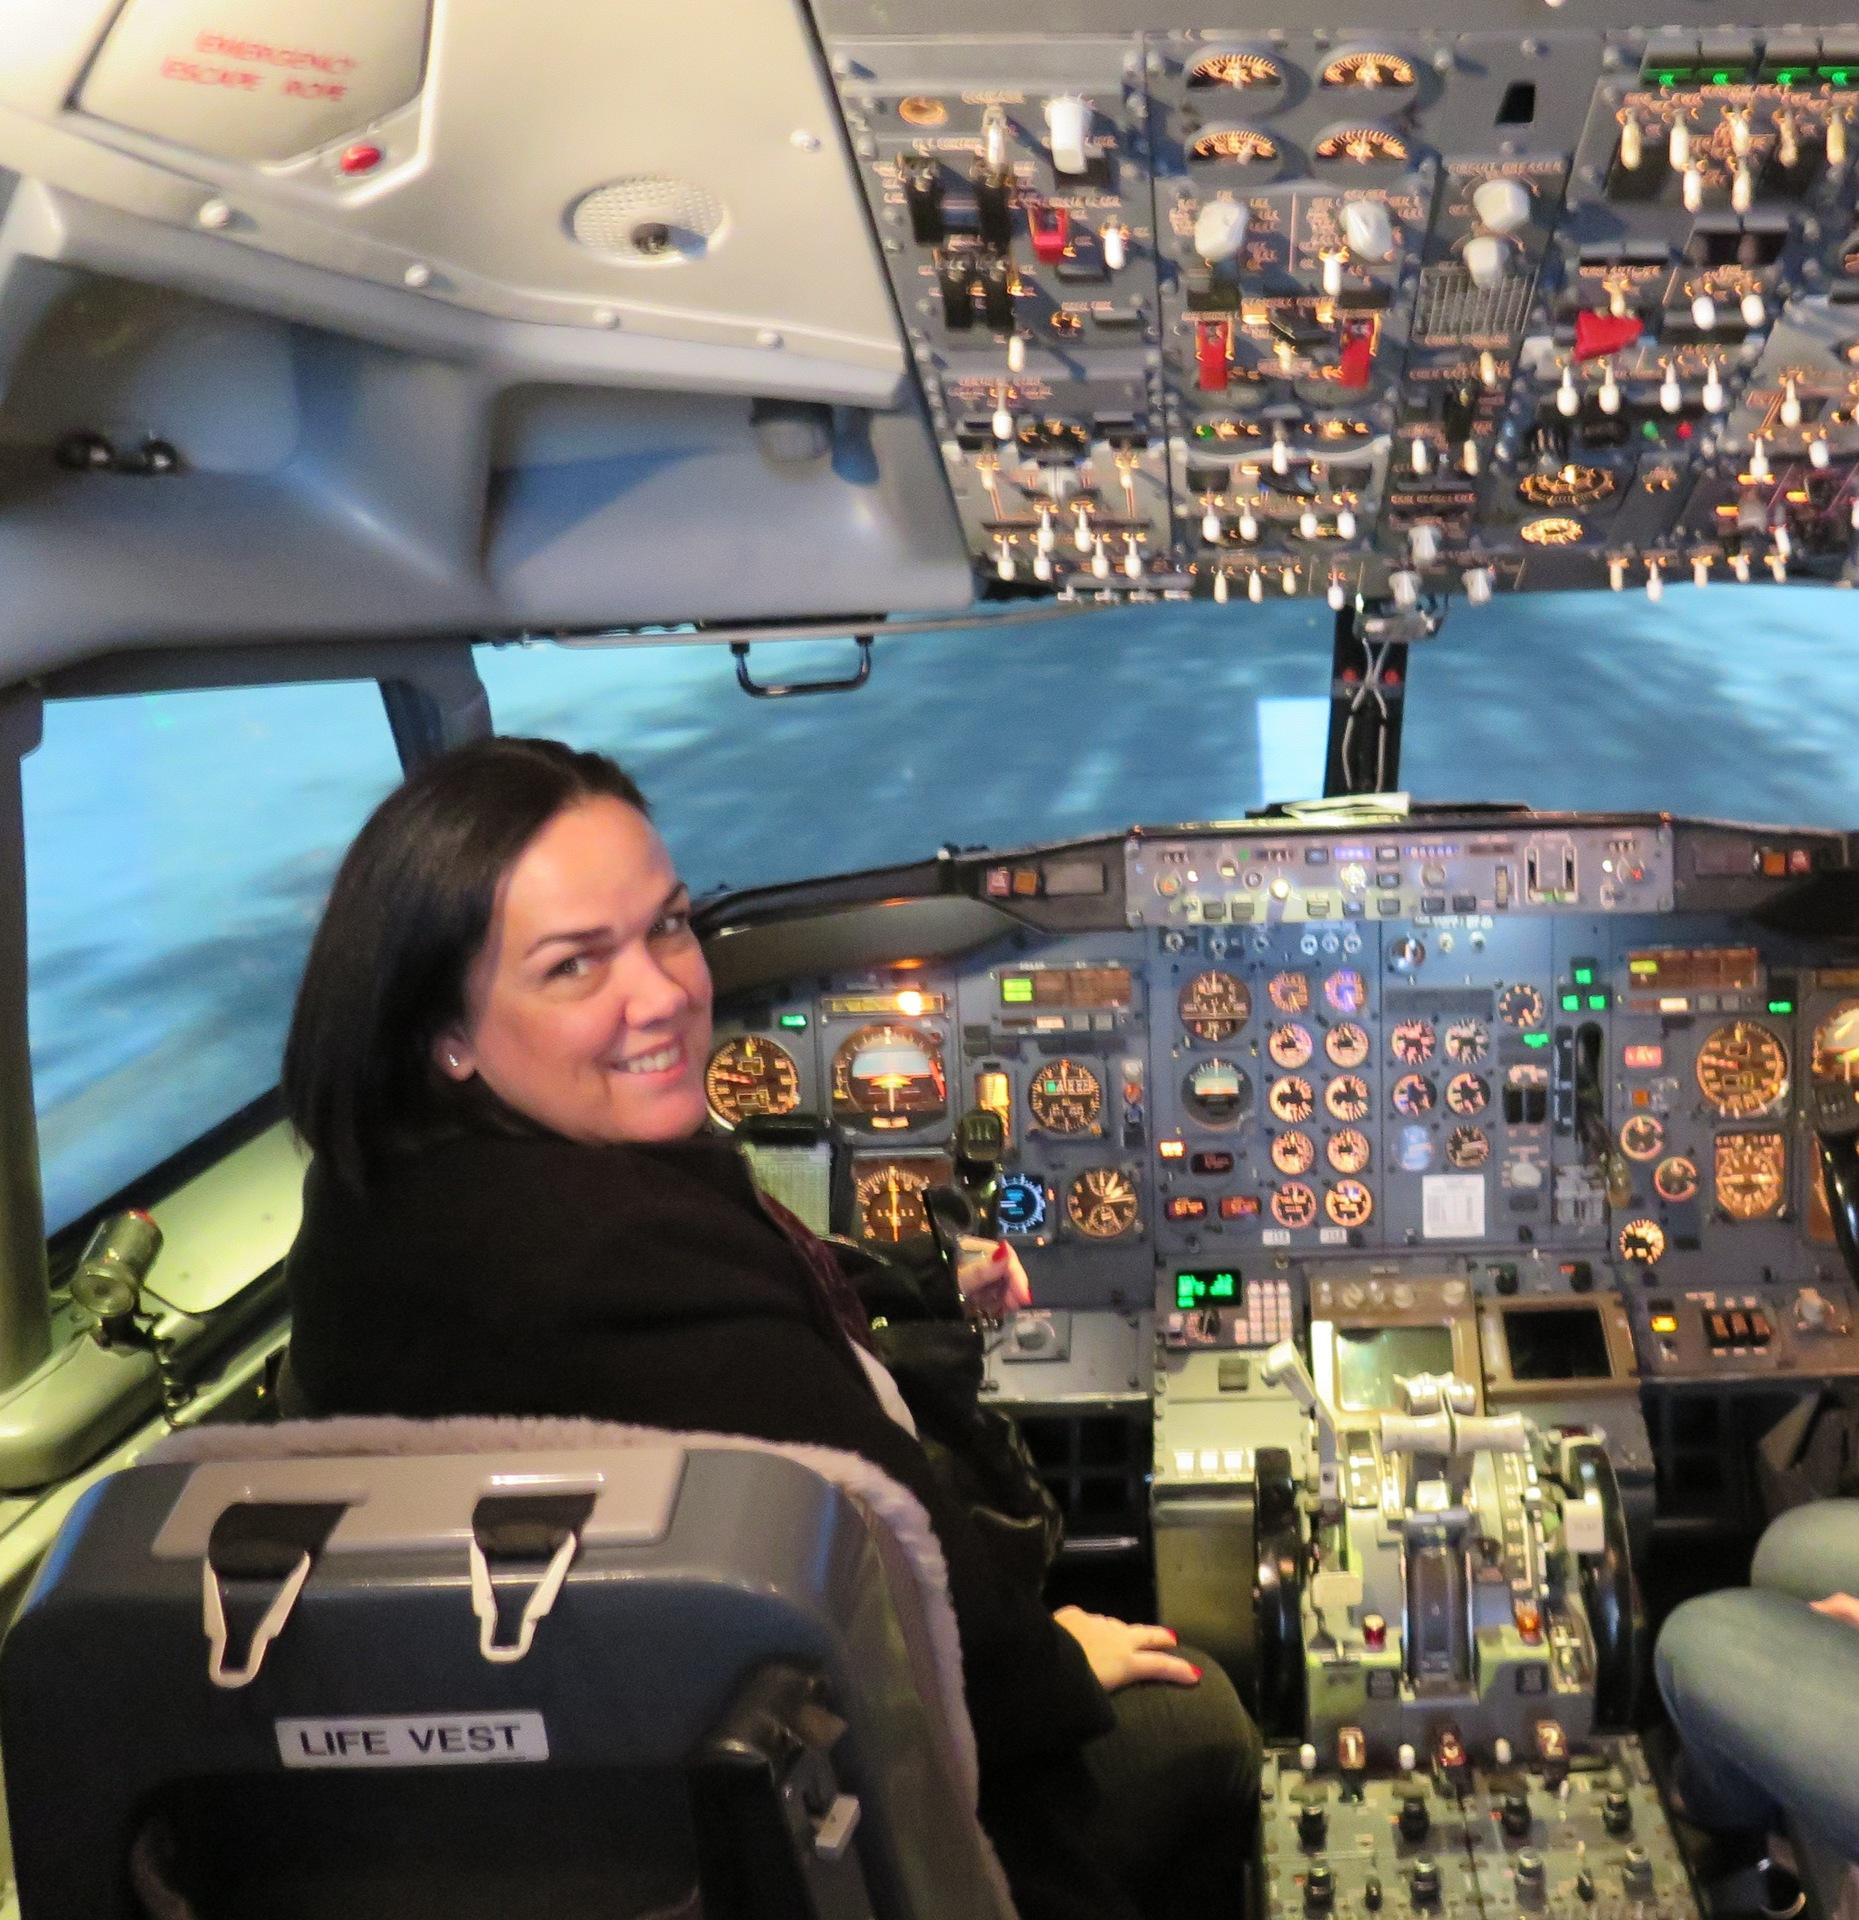 Atlanta - Ser piloto por um dia no simulador de voo do Museu da Delta